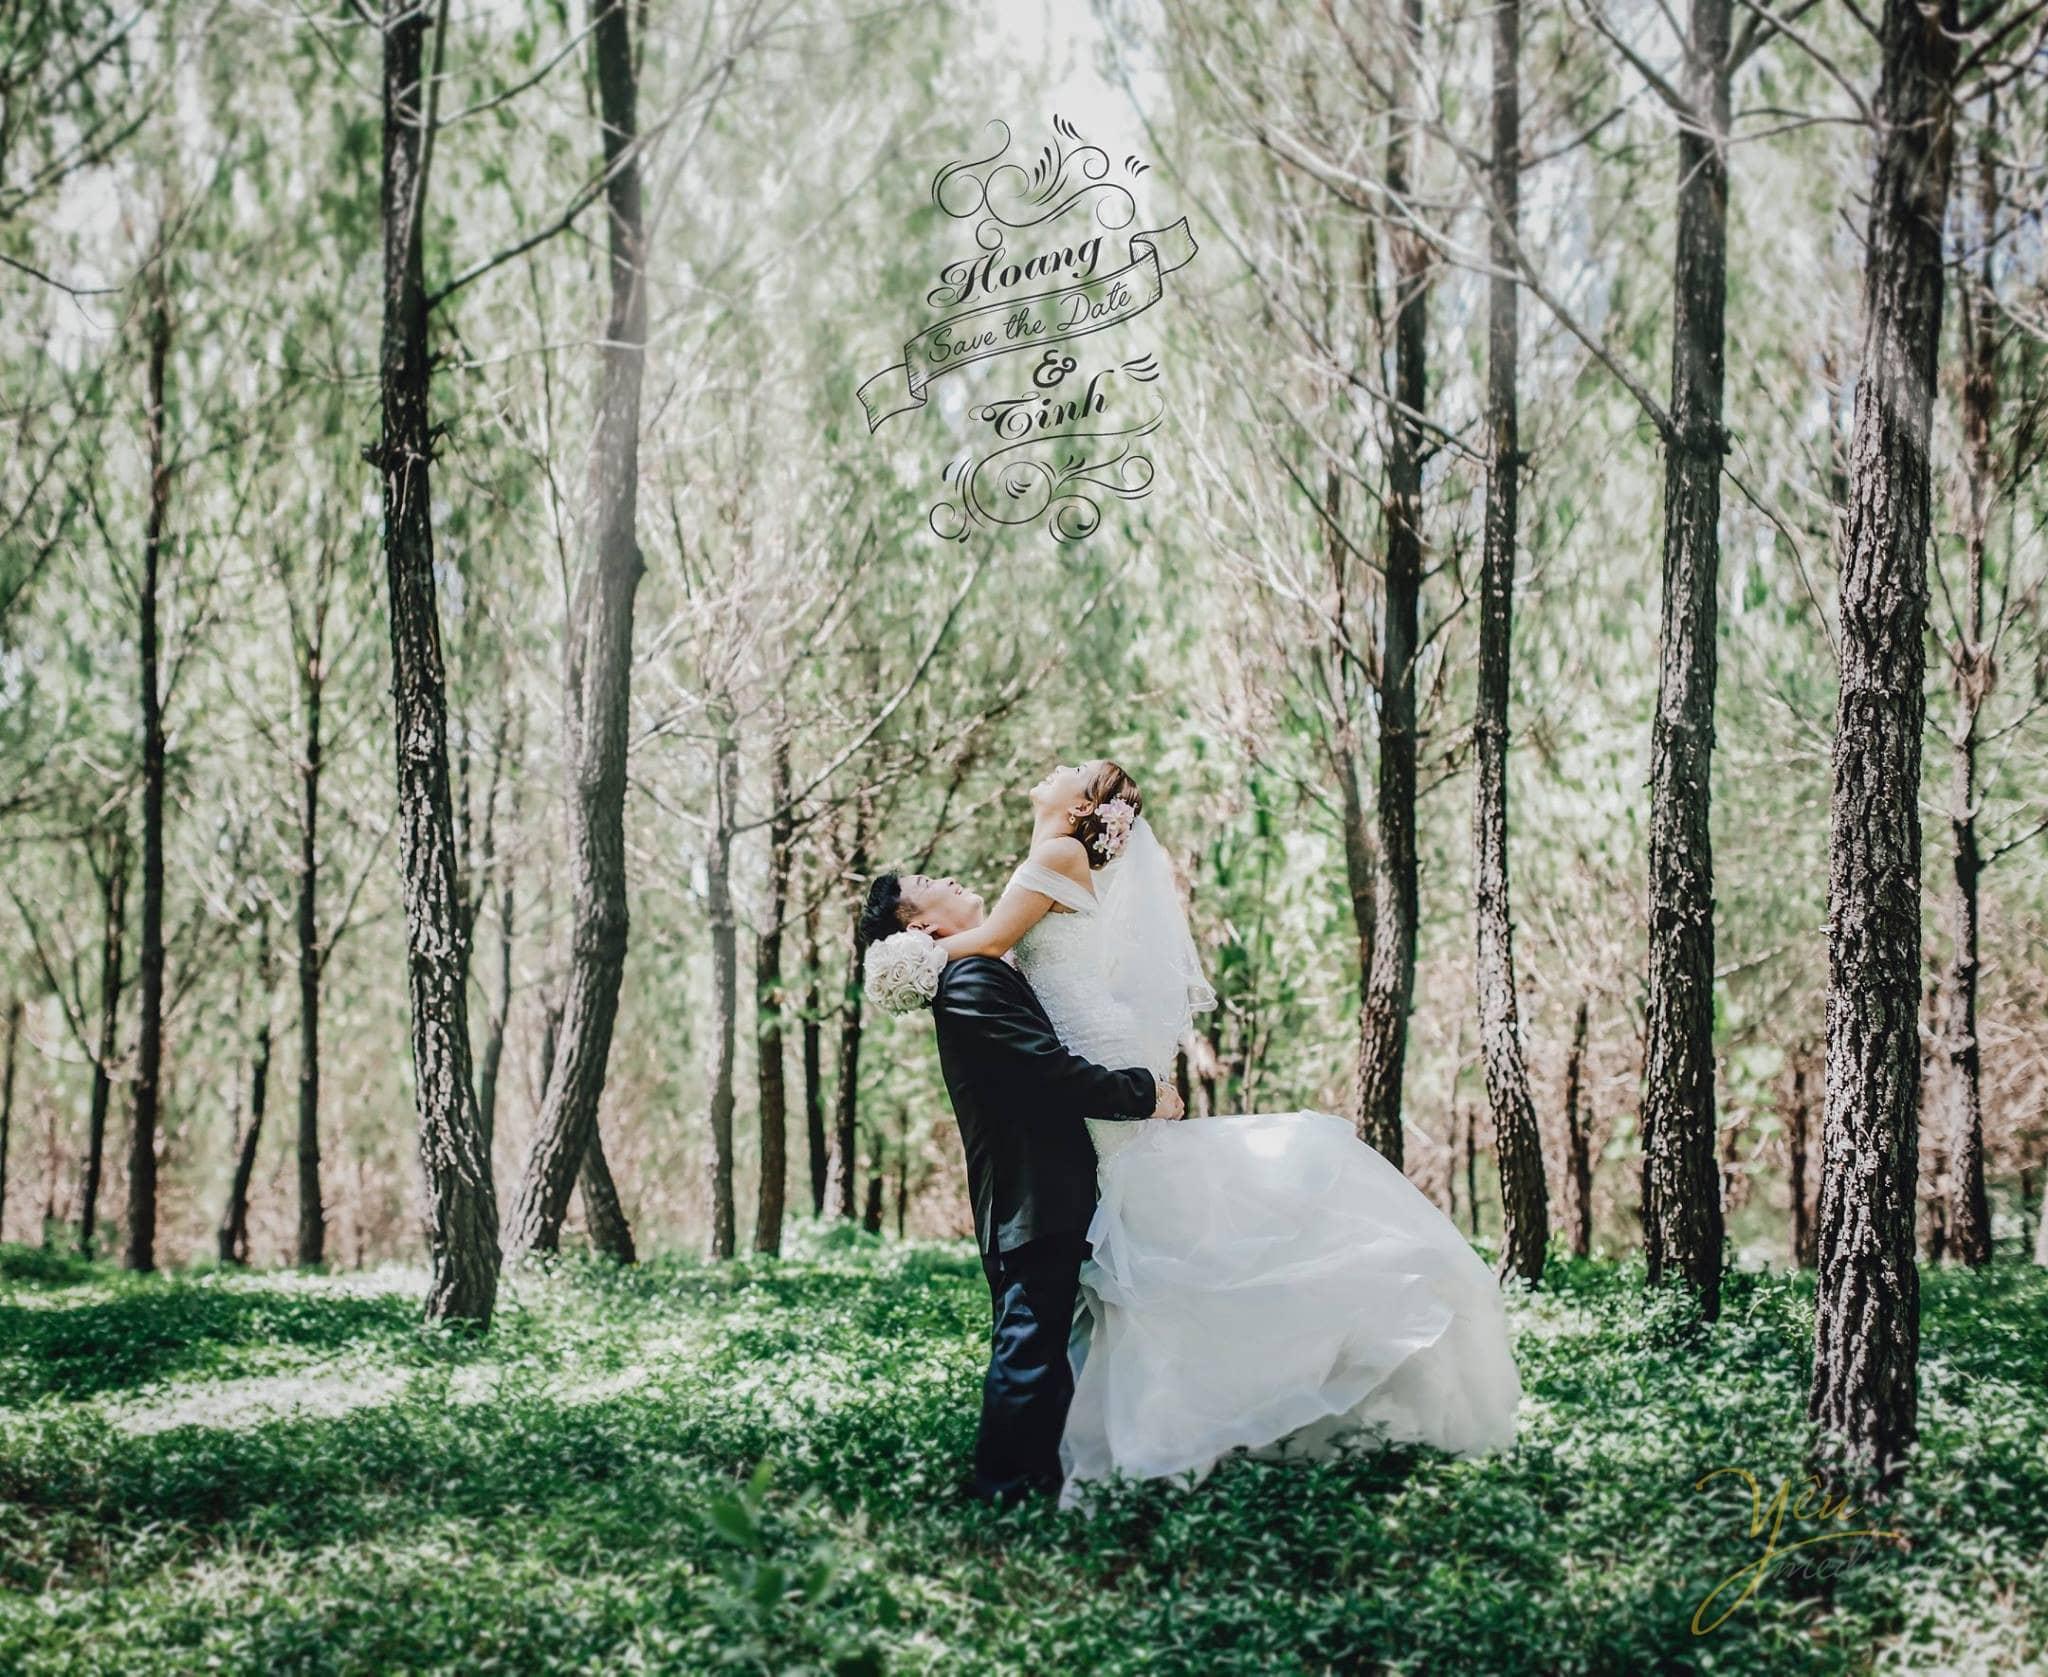 nụ cười mãn nguyện, hạnh phúc của cô dâu, chú rể